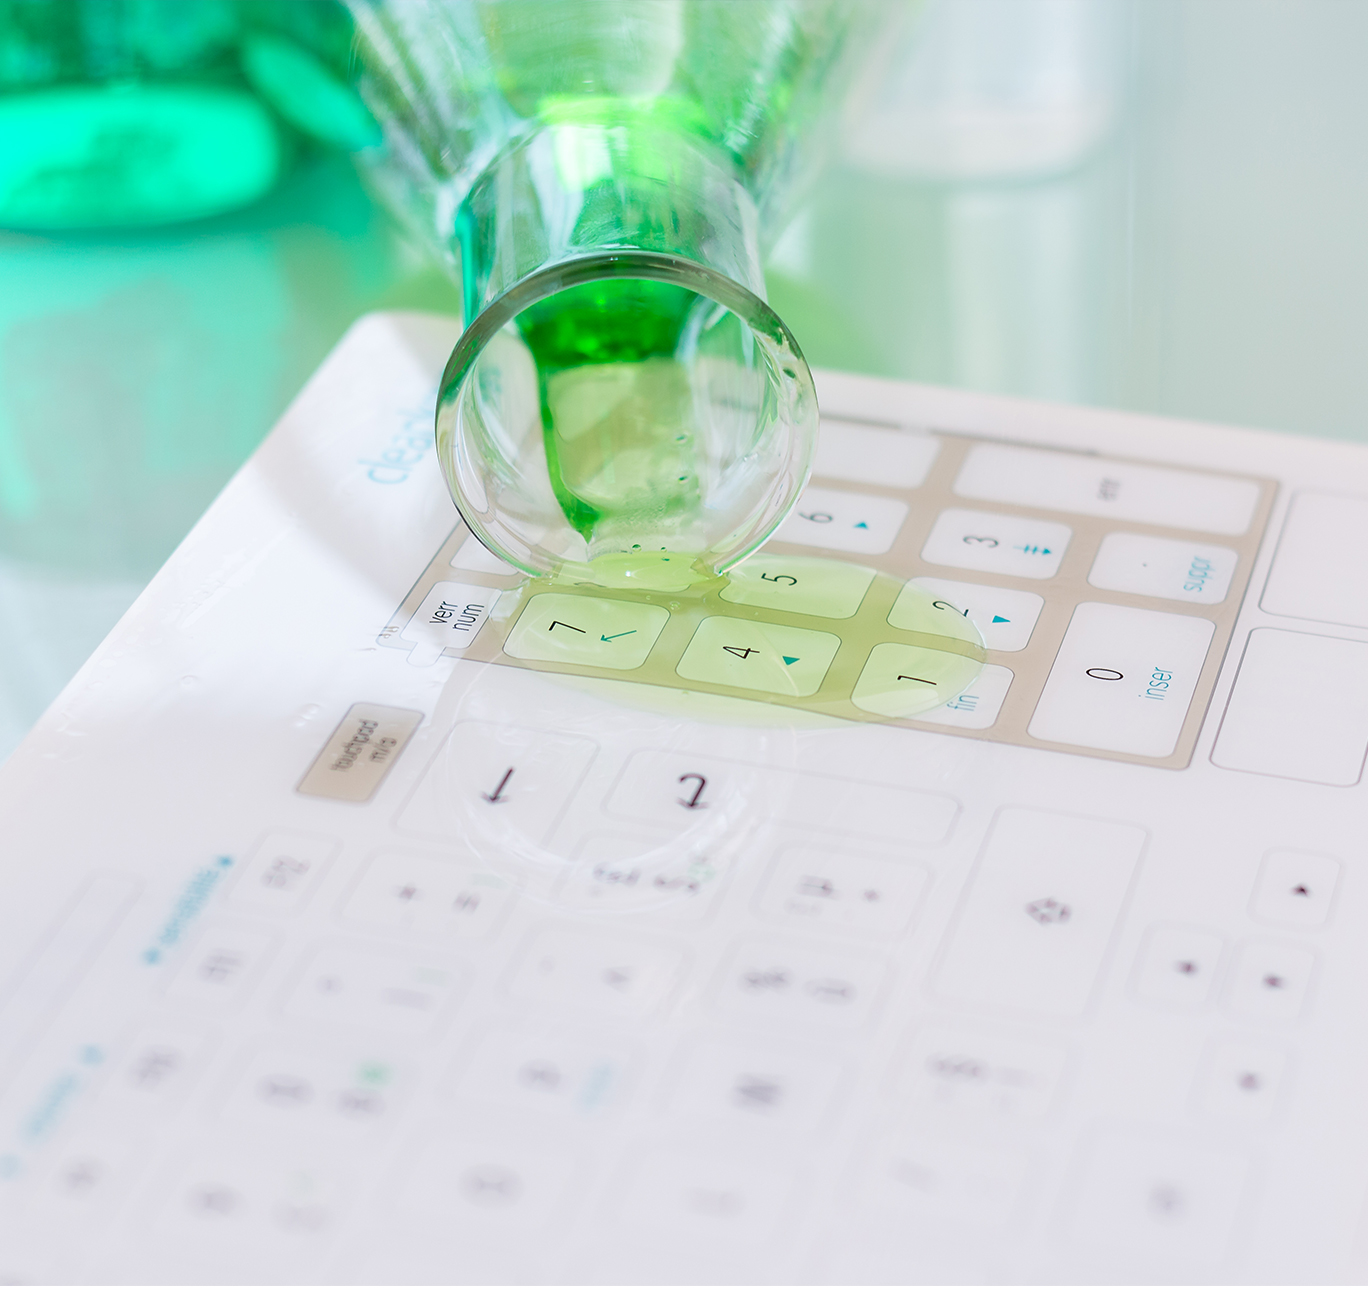 Cleankeys Standard Glass Surface Keyboard-3374